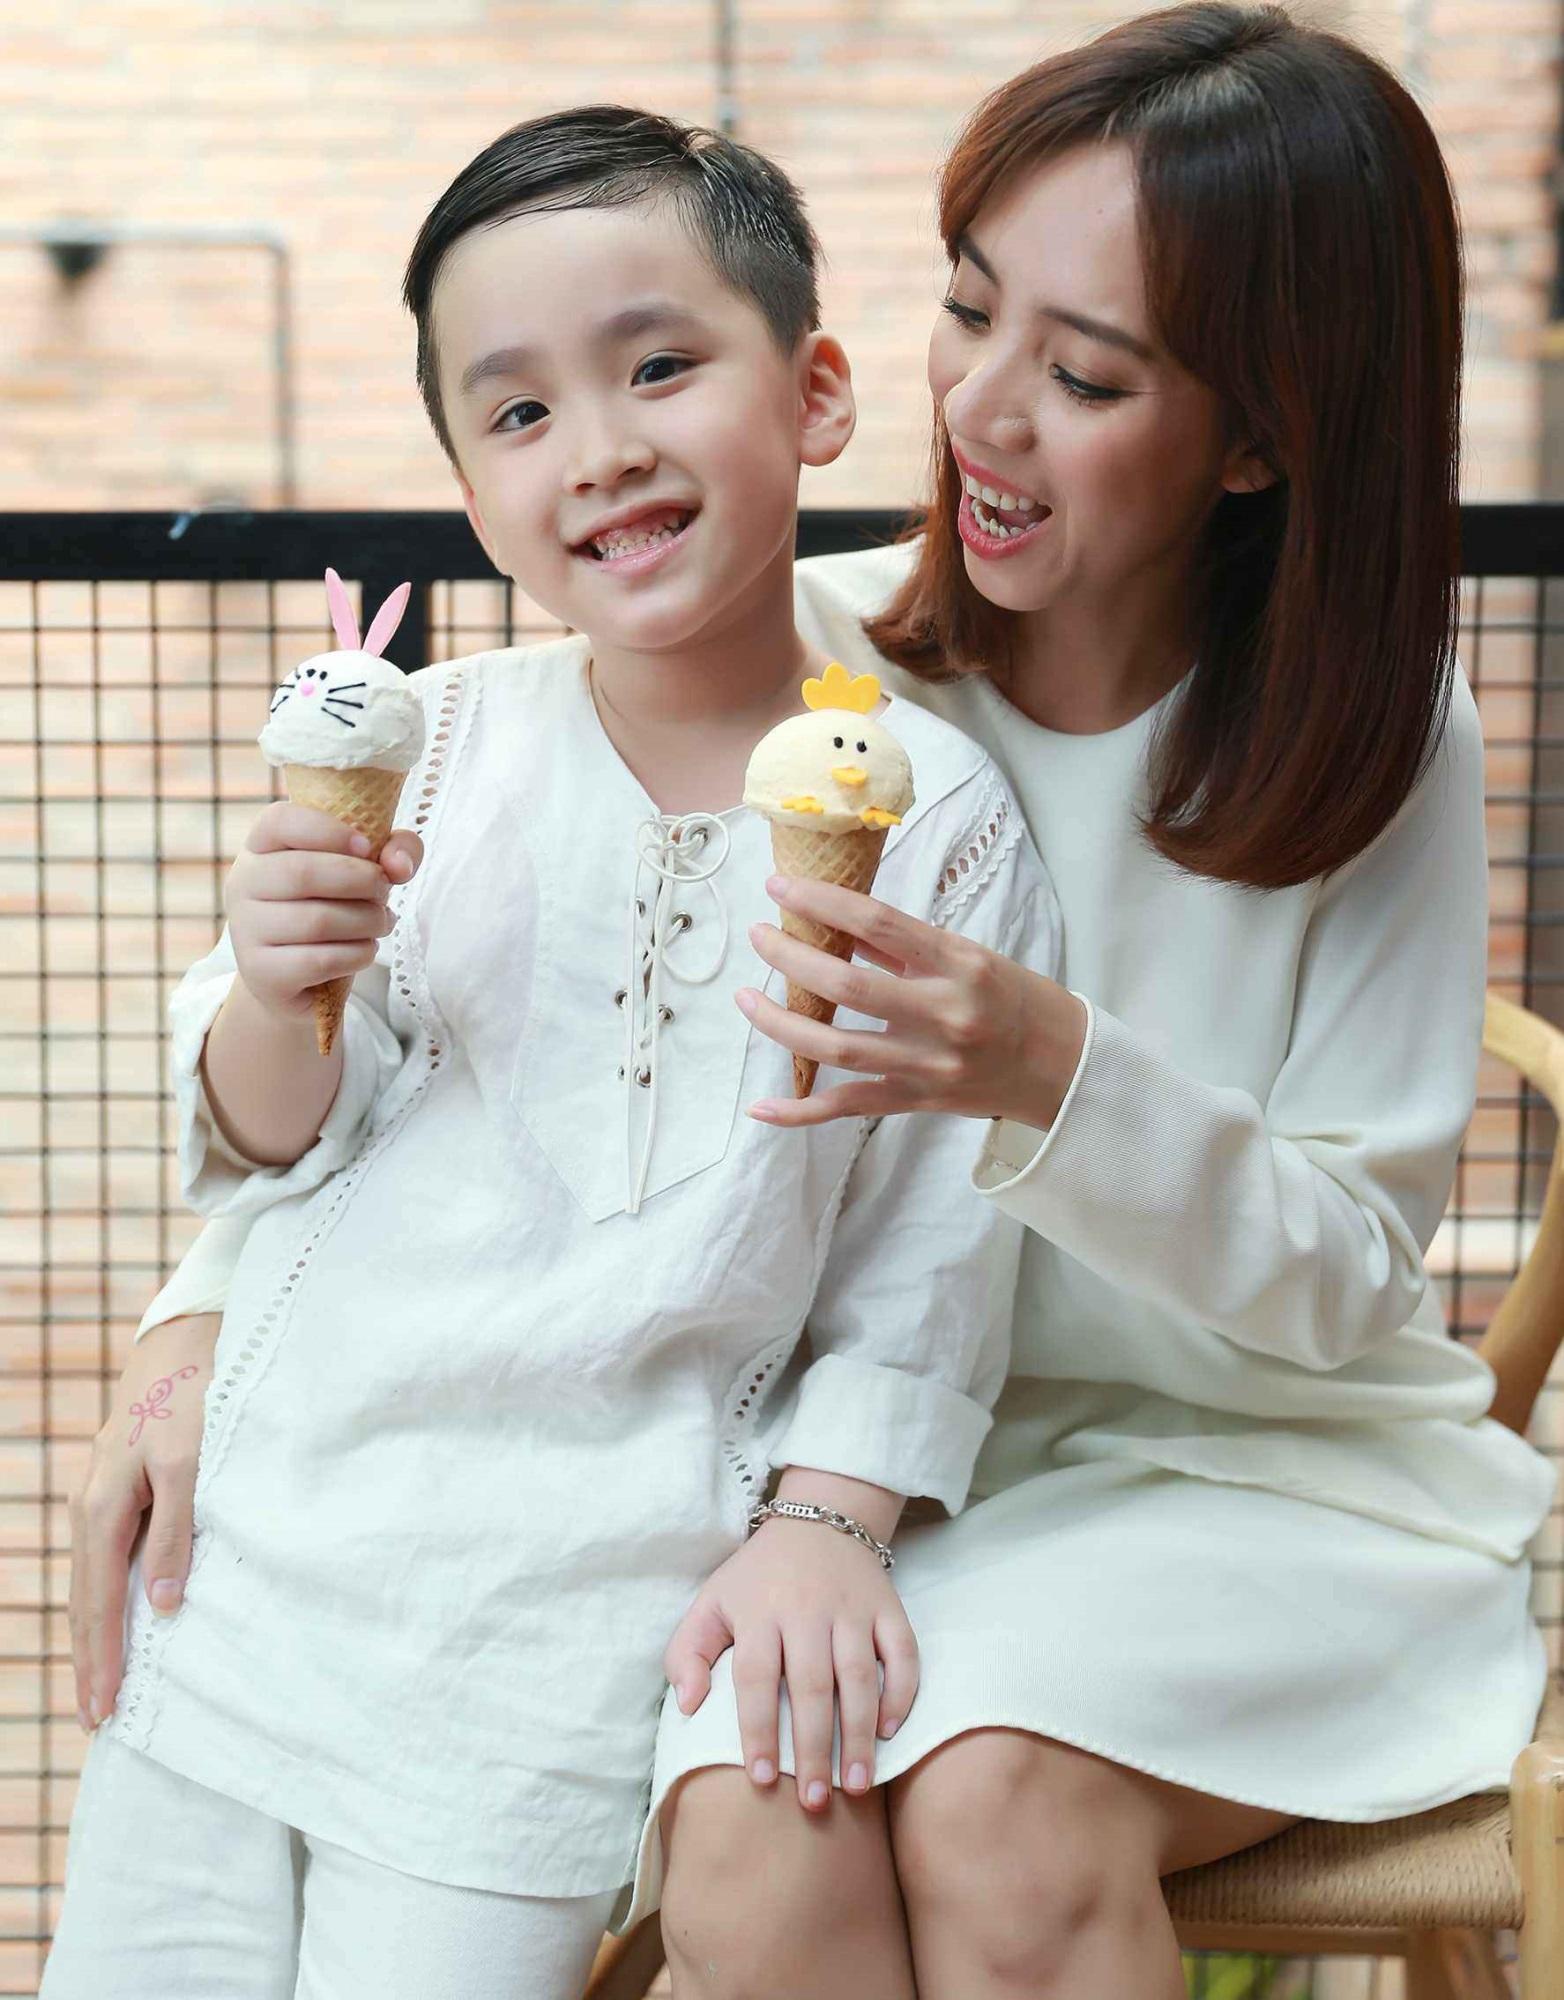 Lần đầu làm mẹ: Thu Trang cắt nhầm vào tay con, Ngọc Lan sai lầm khiến con chậm tăng cân - Ảnh 2